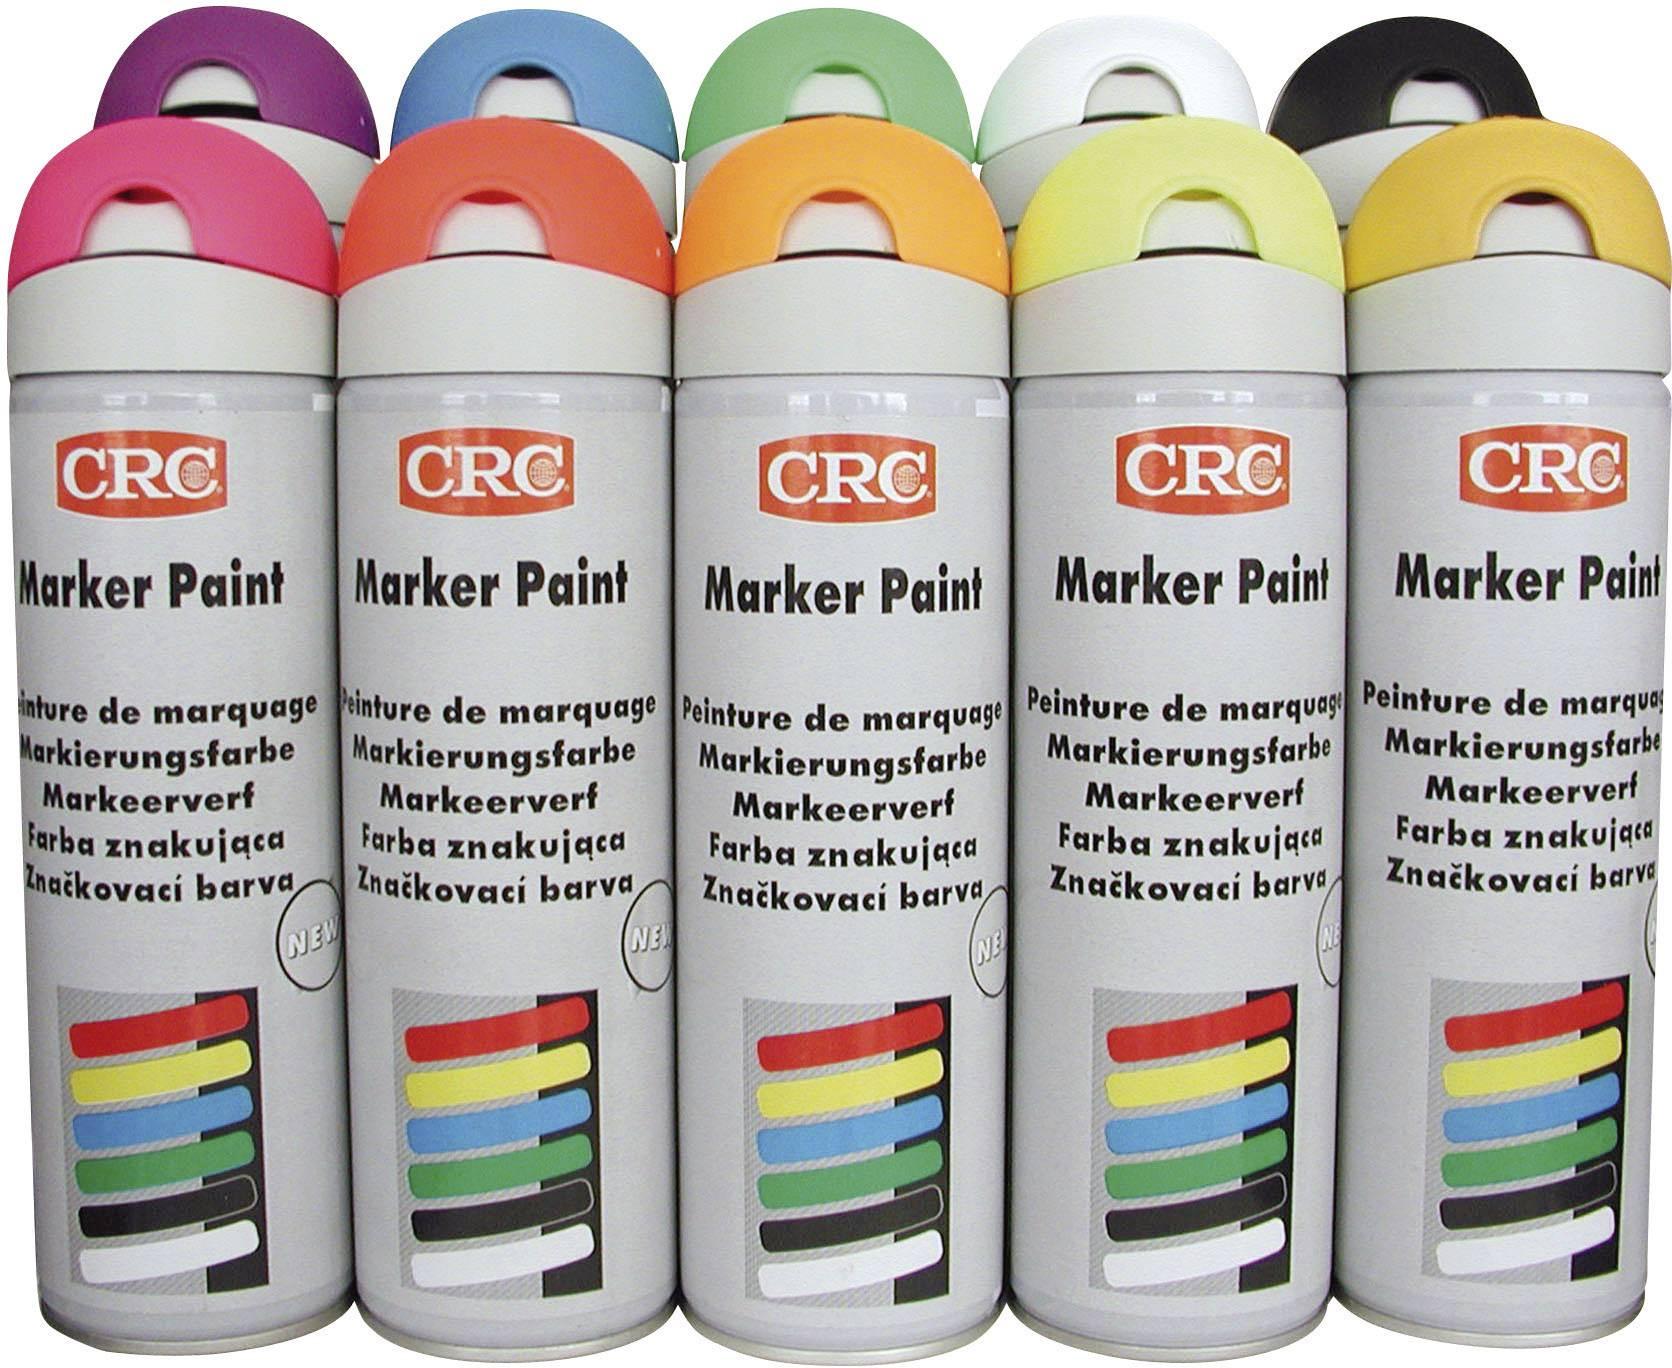 MARKER PAINT – Značkovací barva CRC 10162-AA, bílá 500 ml